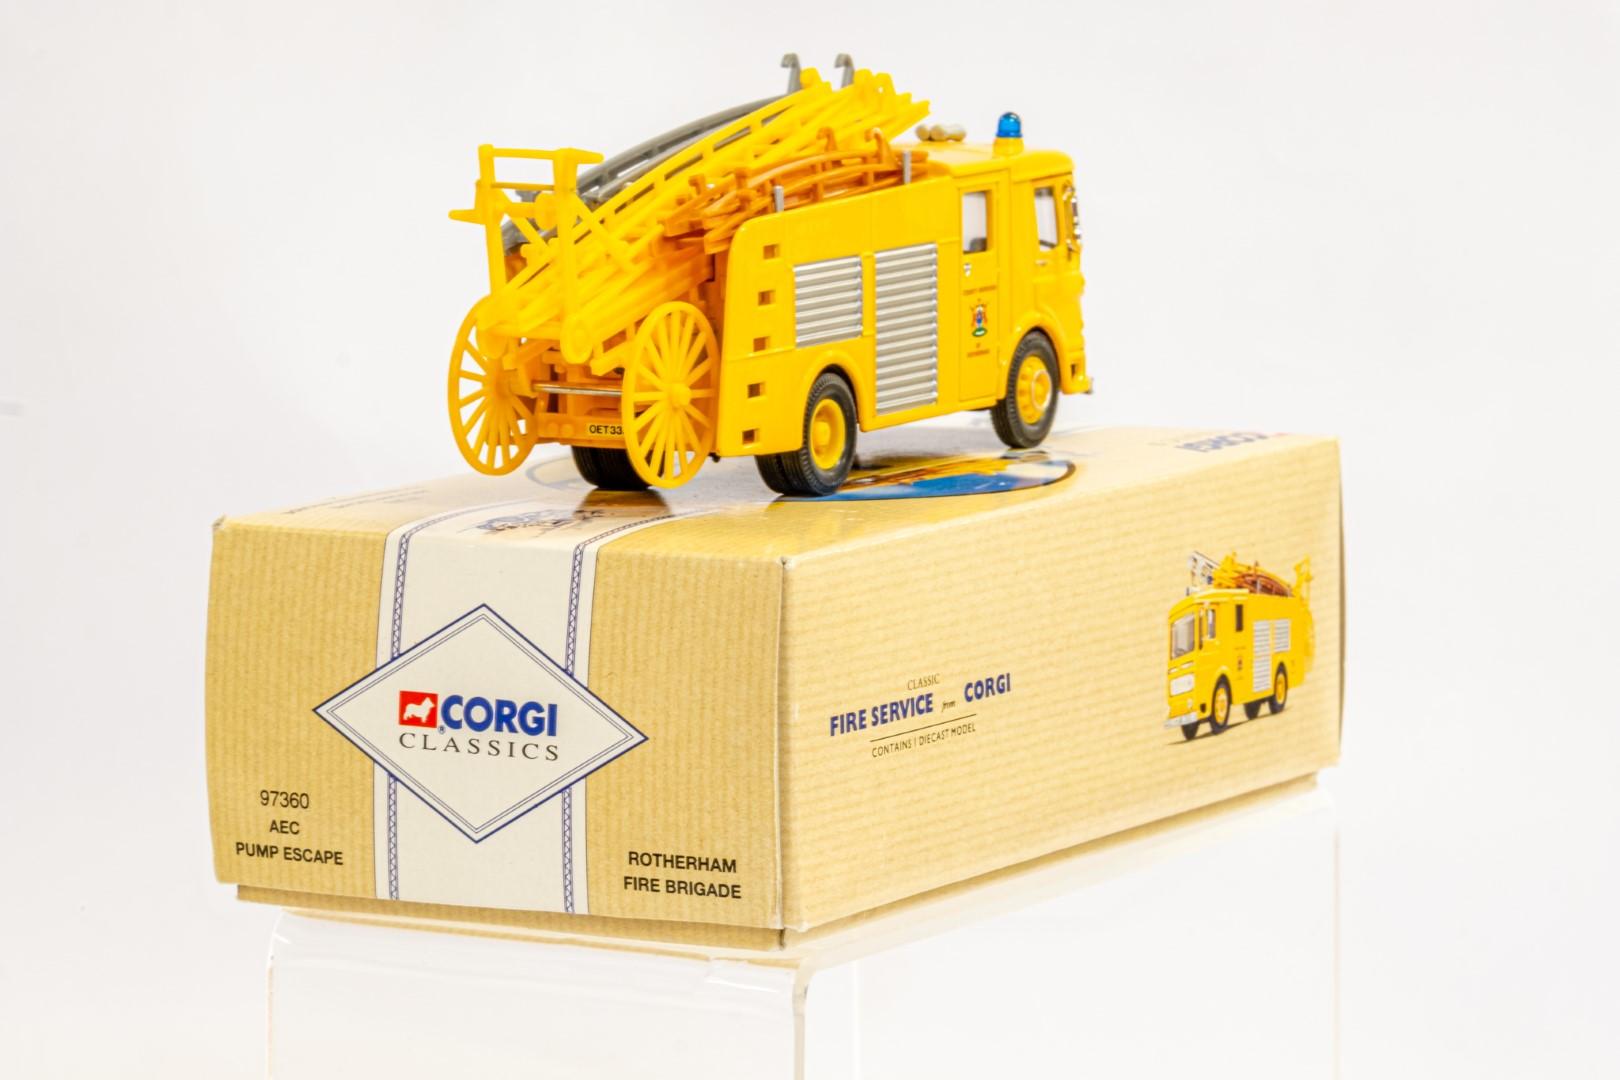 Corgi AEC Pump Escape - Rotherham Fire Brigade - Image 4 of 8